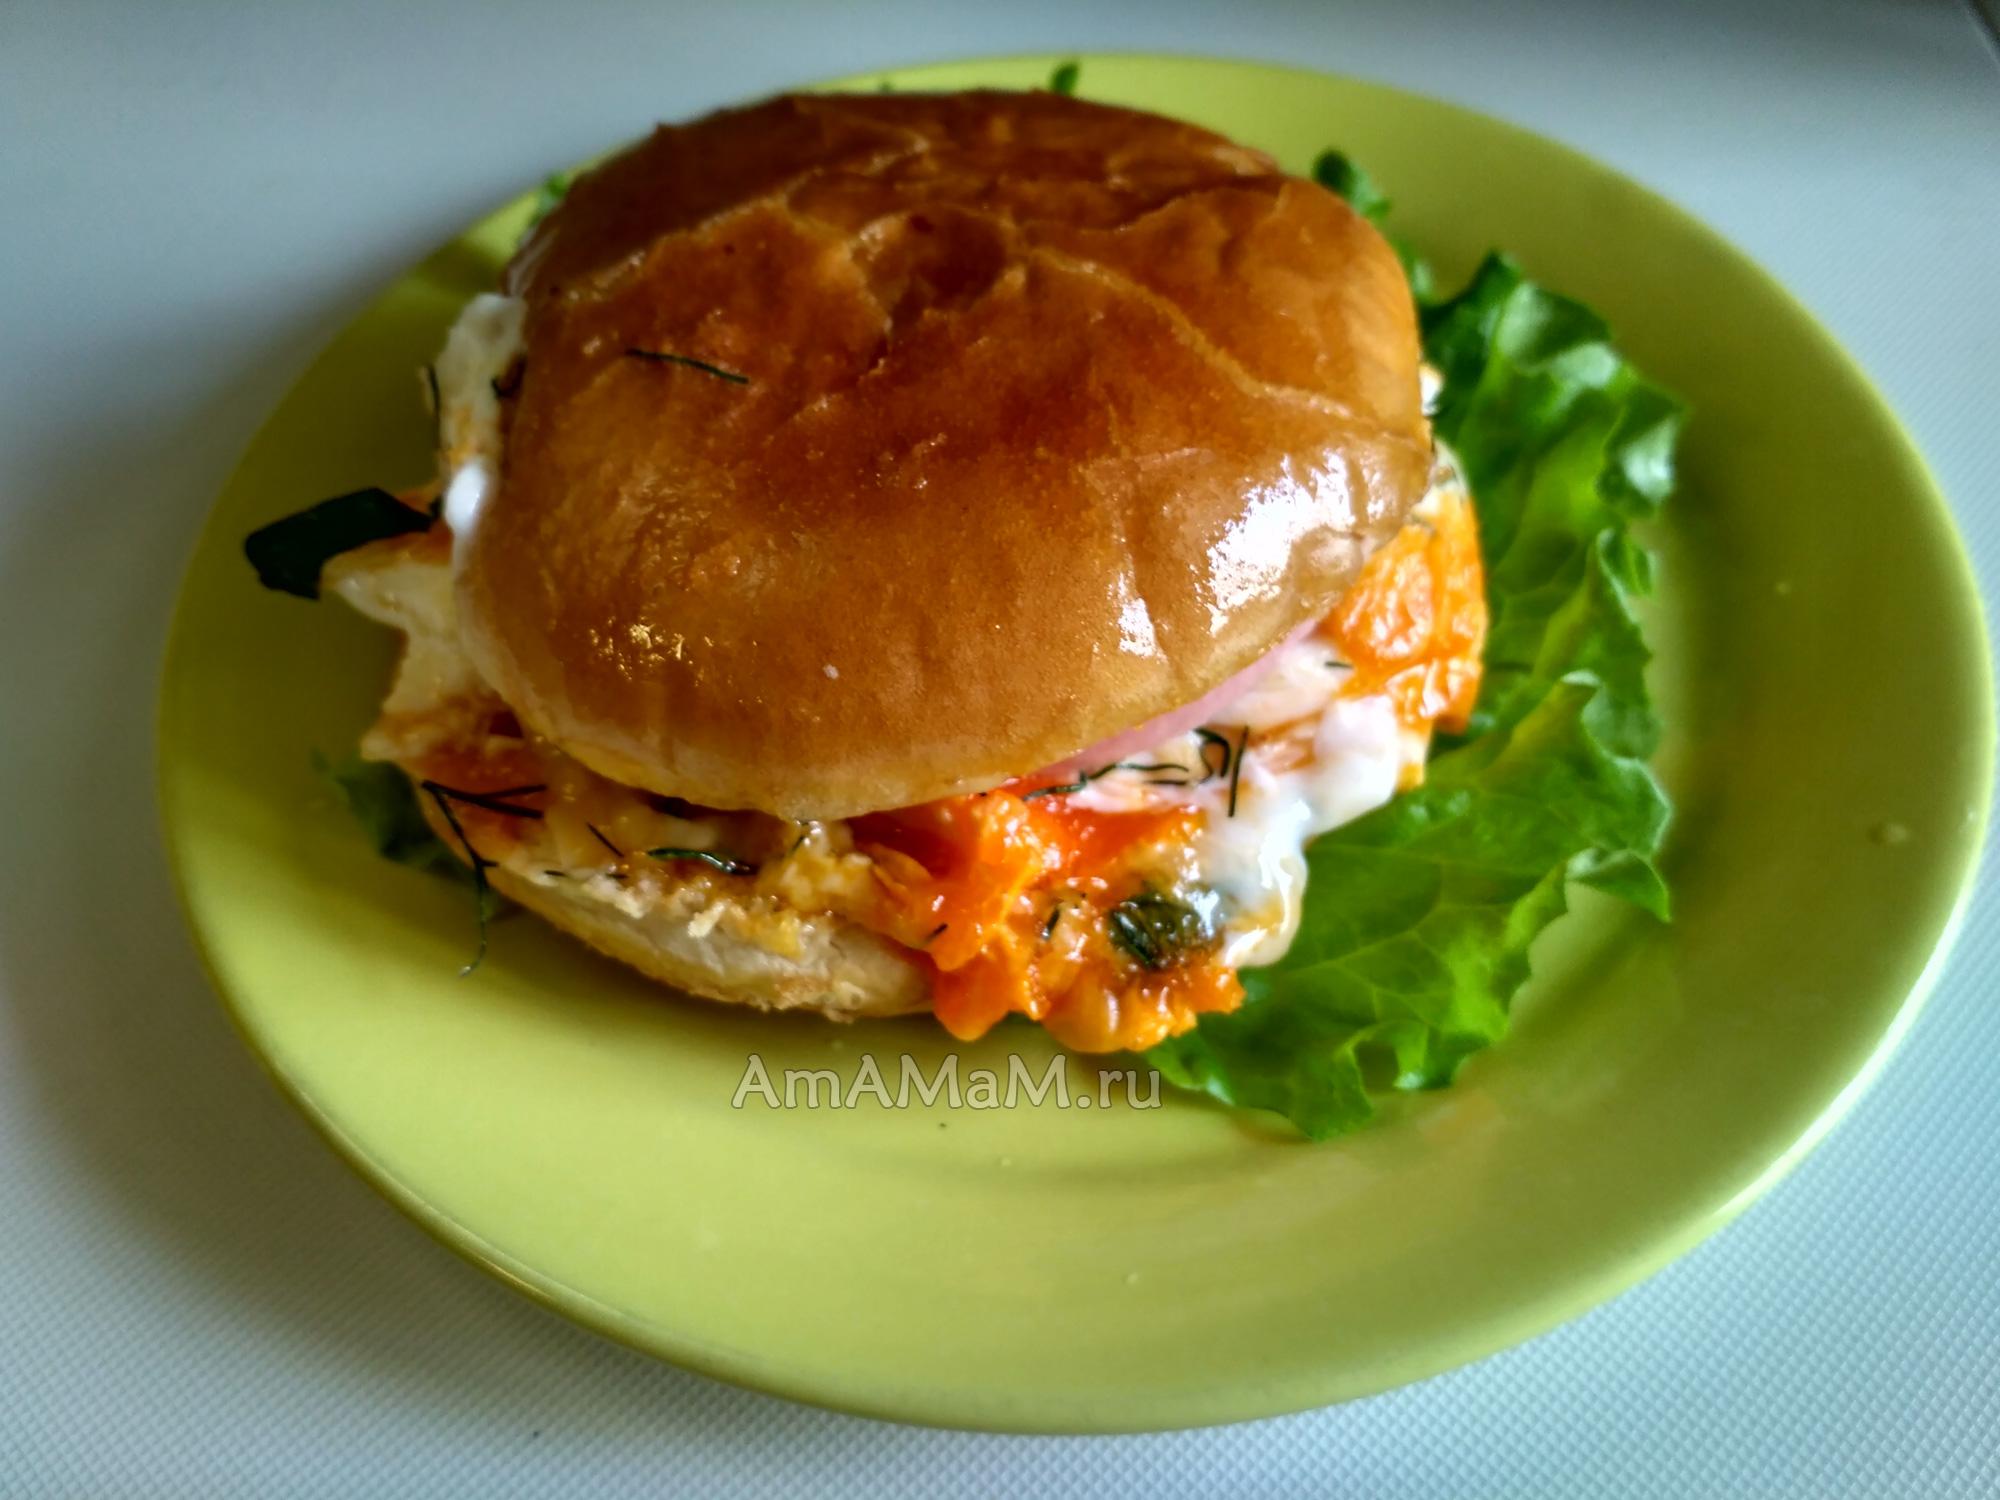 Как приготовить гамбургер в домашних условиях рецепт и фото